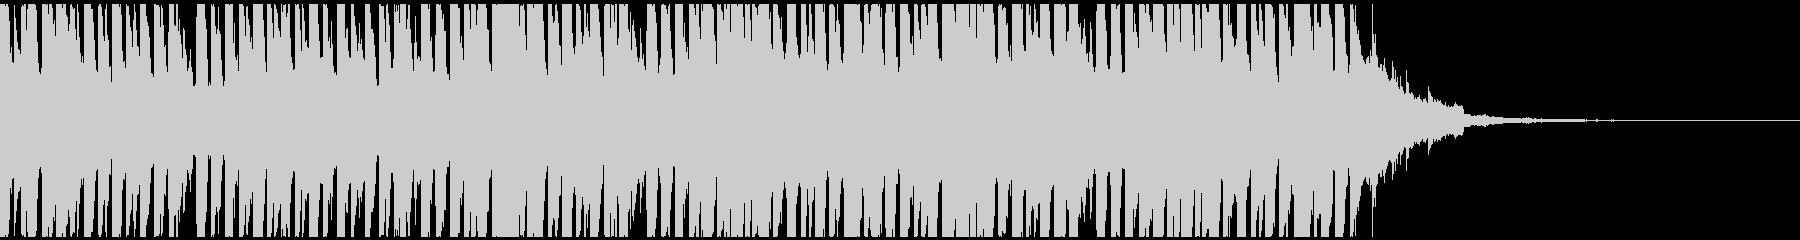 ドラム & ベース ジャングル 未...の未再生の波形